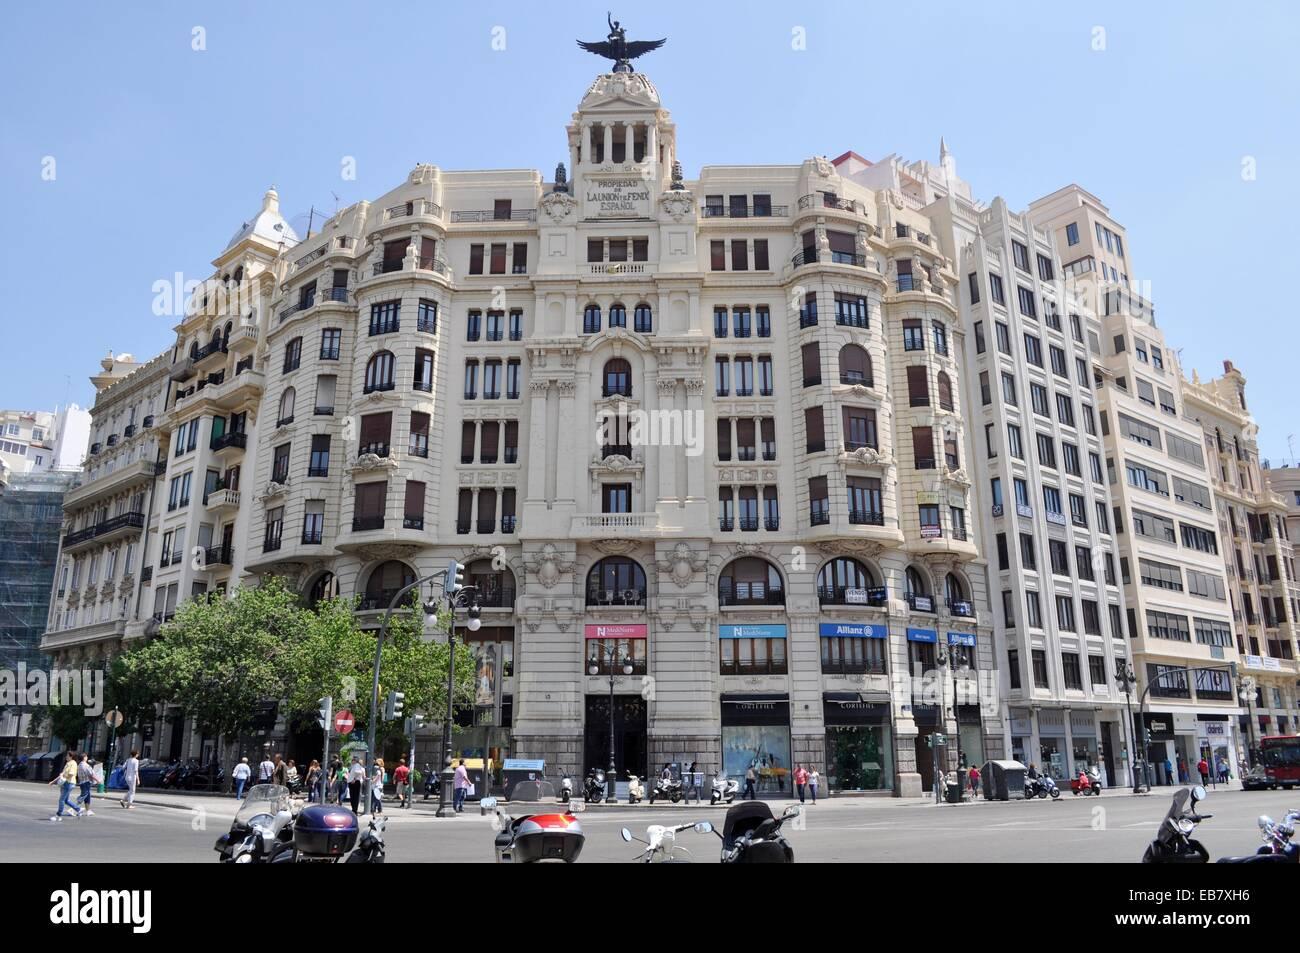 Valencia, Spain: Edificio La Union y El Fénix Español building 1929, designed by Viedma Enrique Vidal - Stock Image